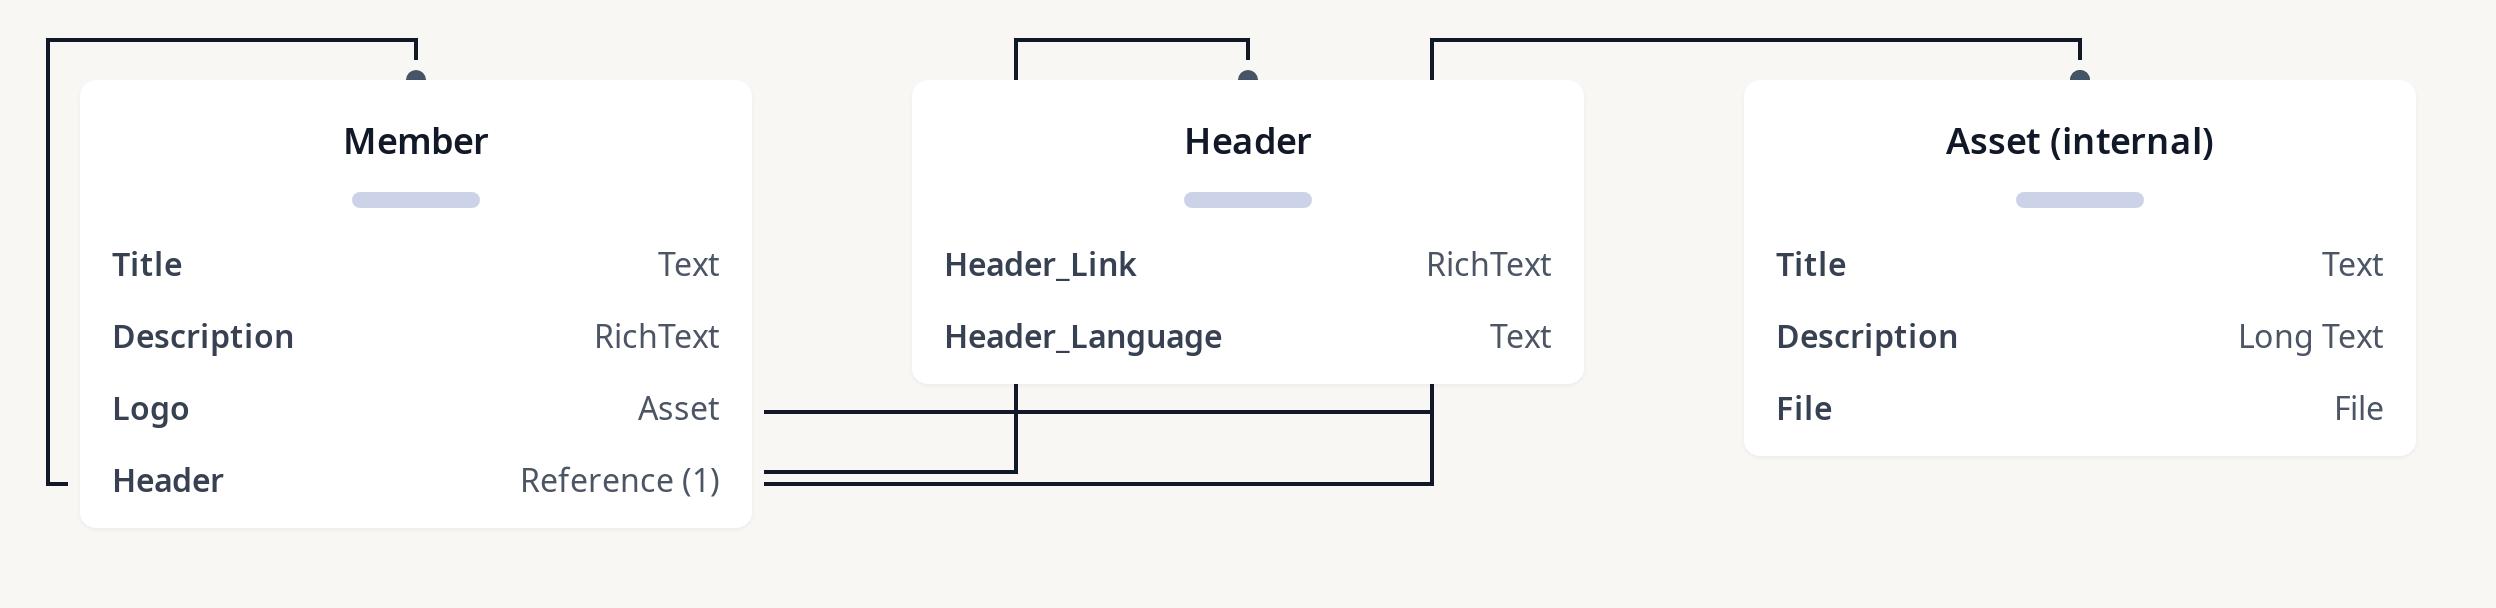 Diagram of member